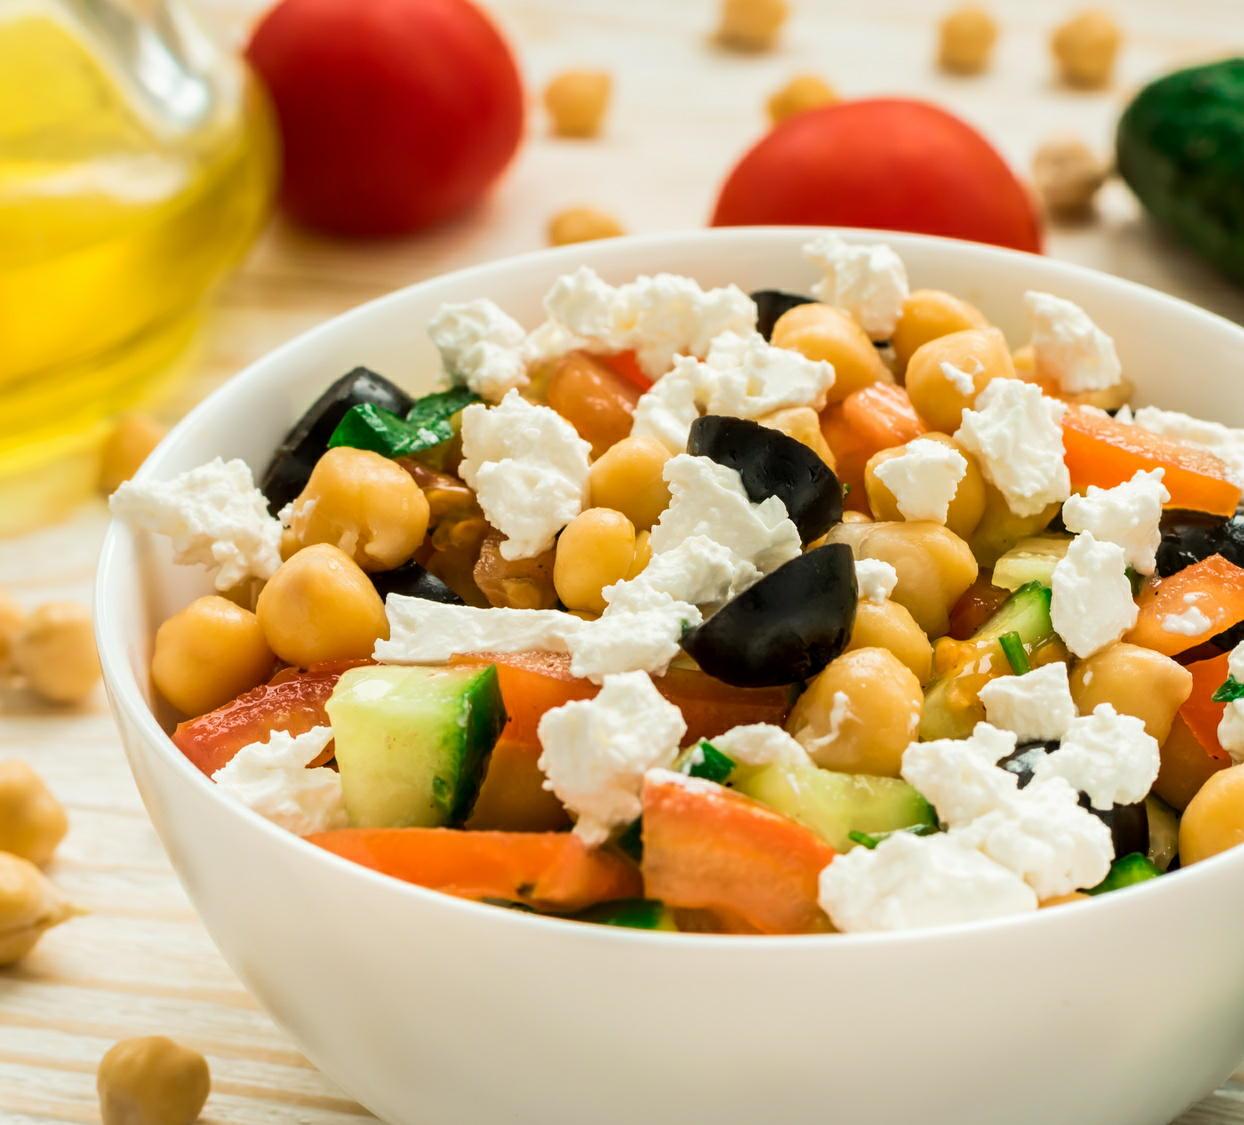 乳がんの予防に「地中海式ダイエット」が効果的 リスクが32%低下